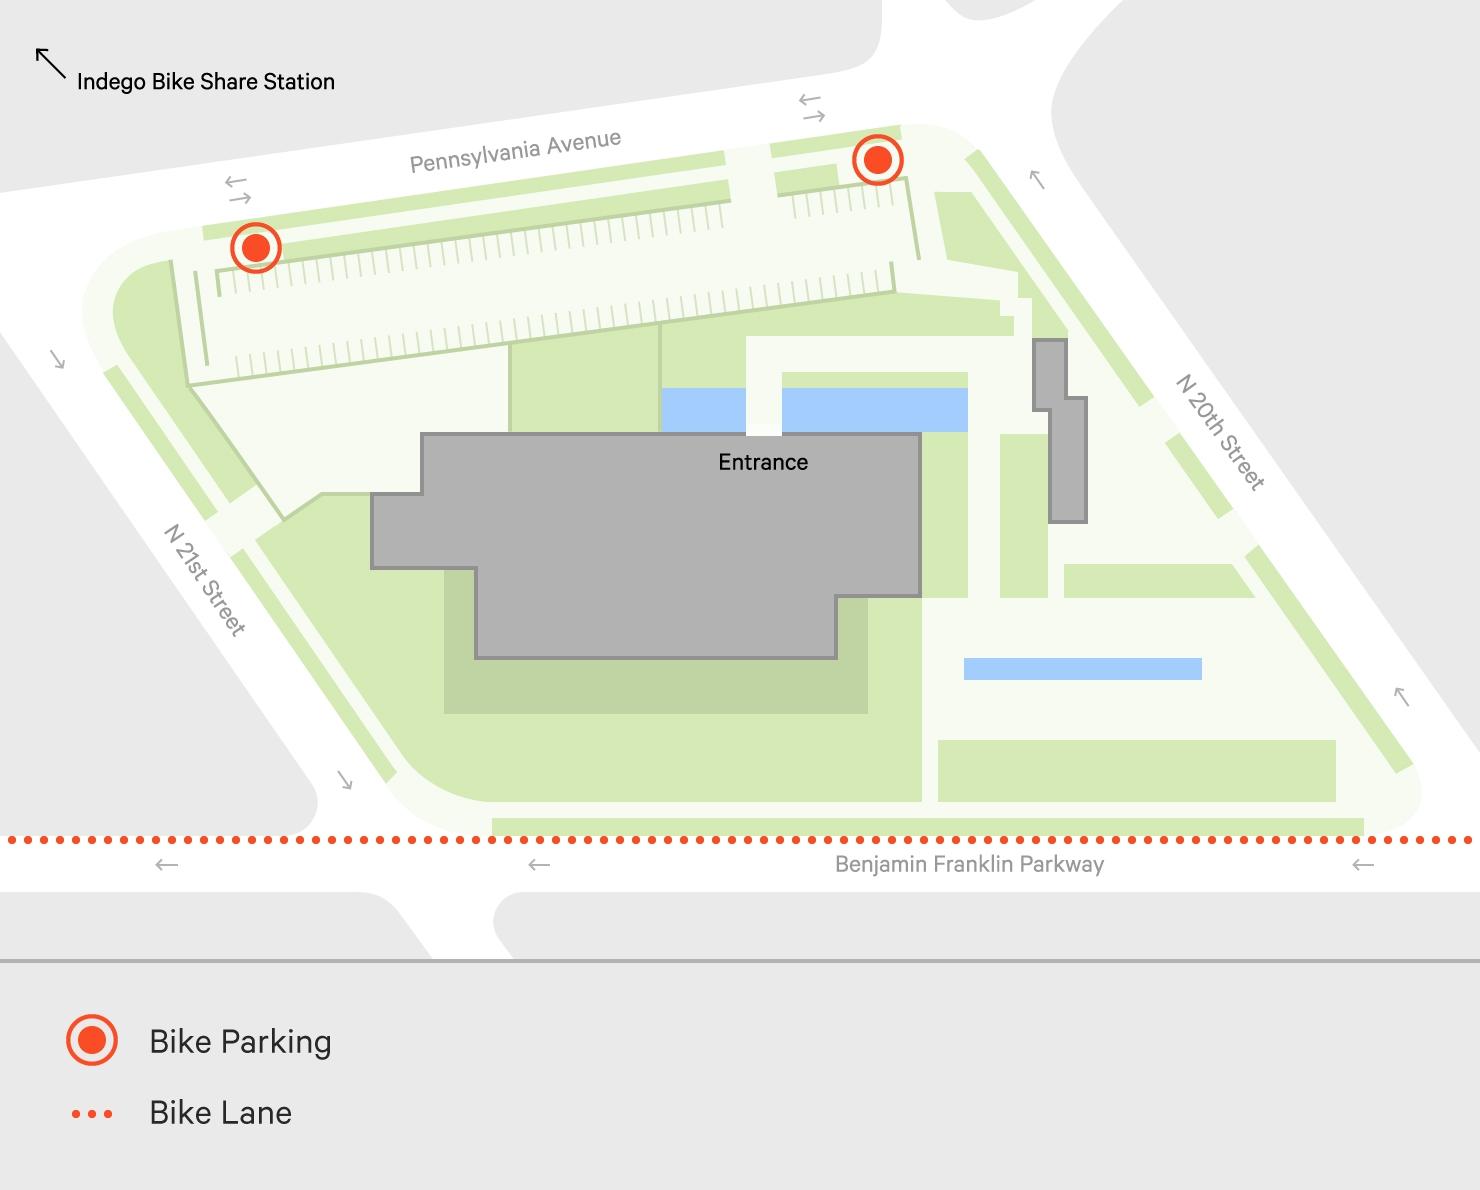 barnes_map_OSV_Jul27_v2-Bikes.jpg#asset:2906